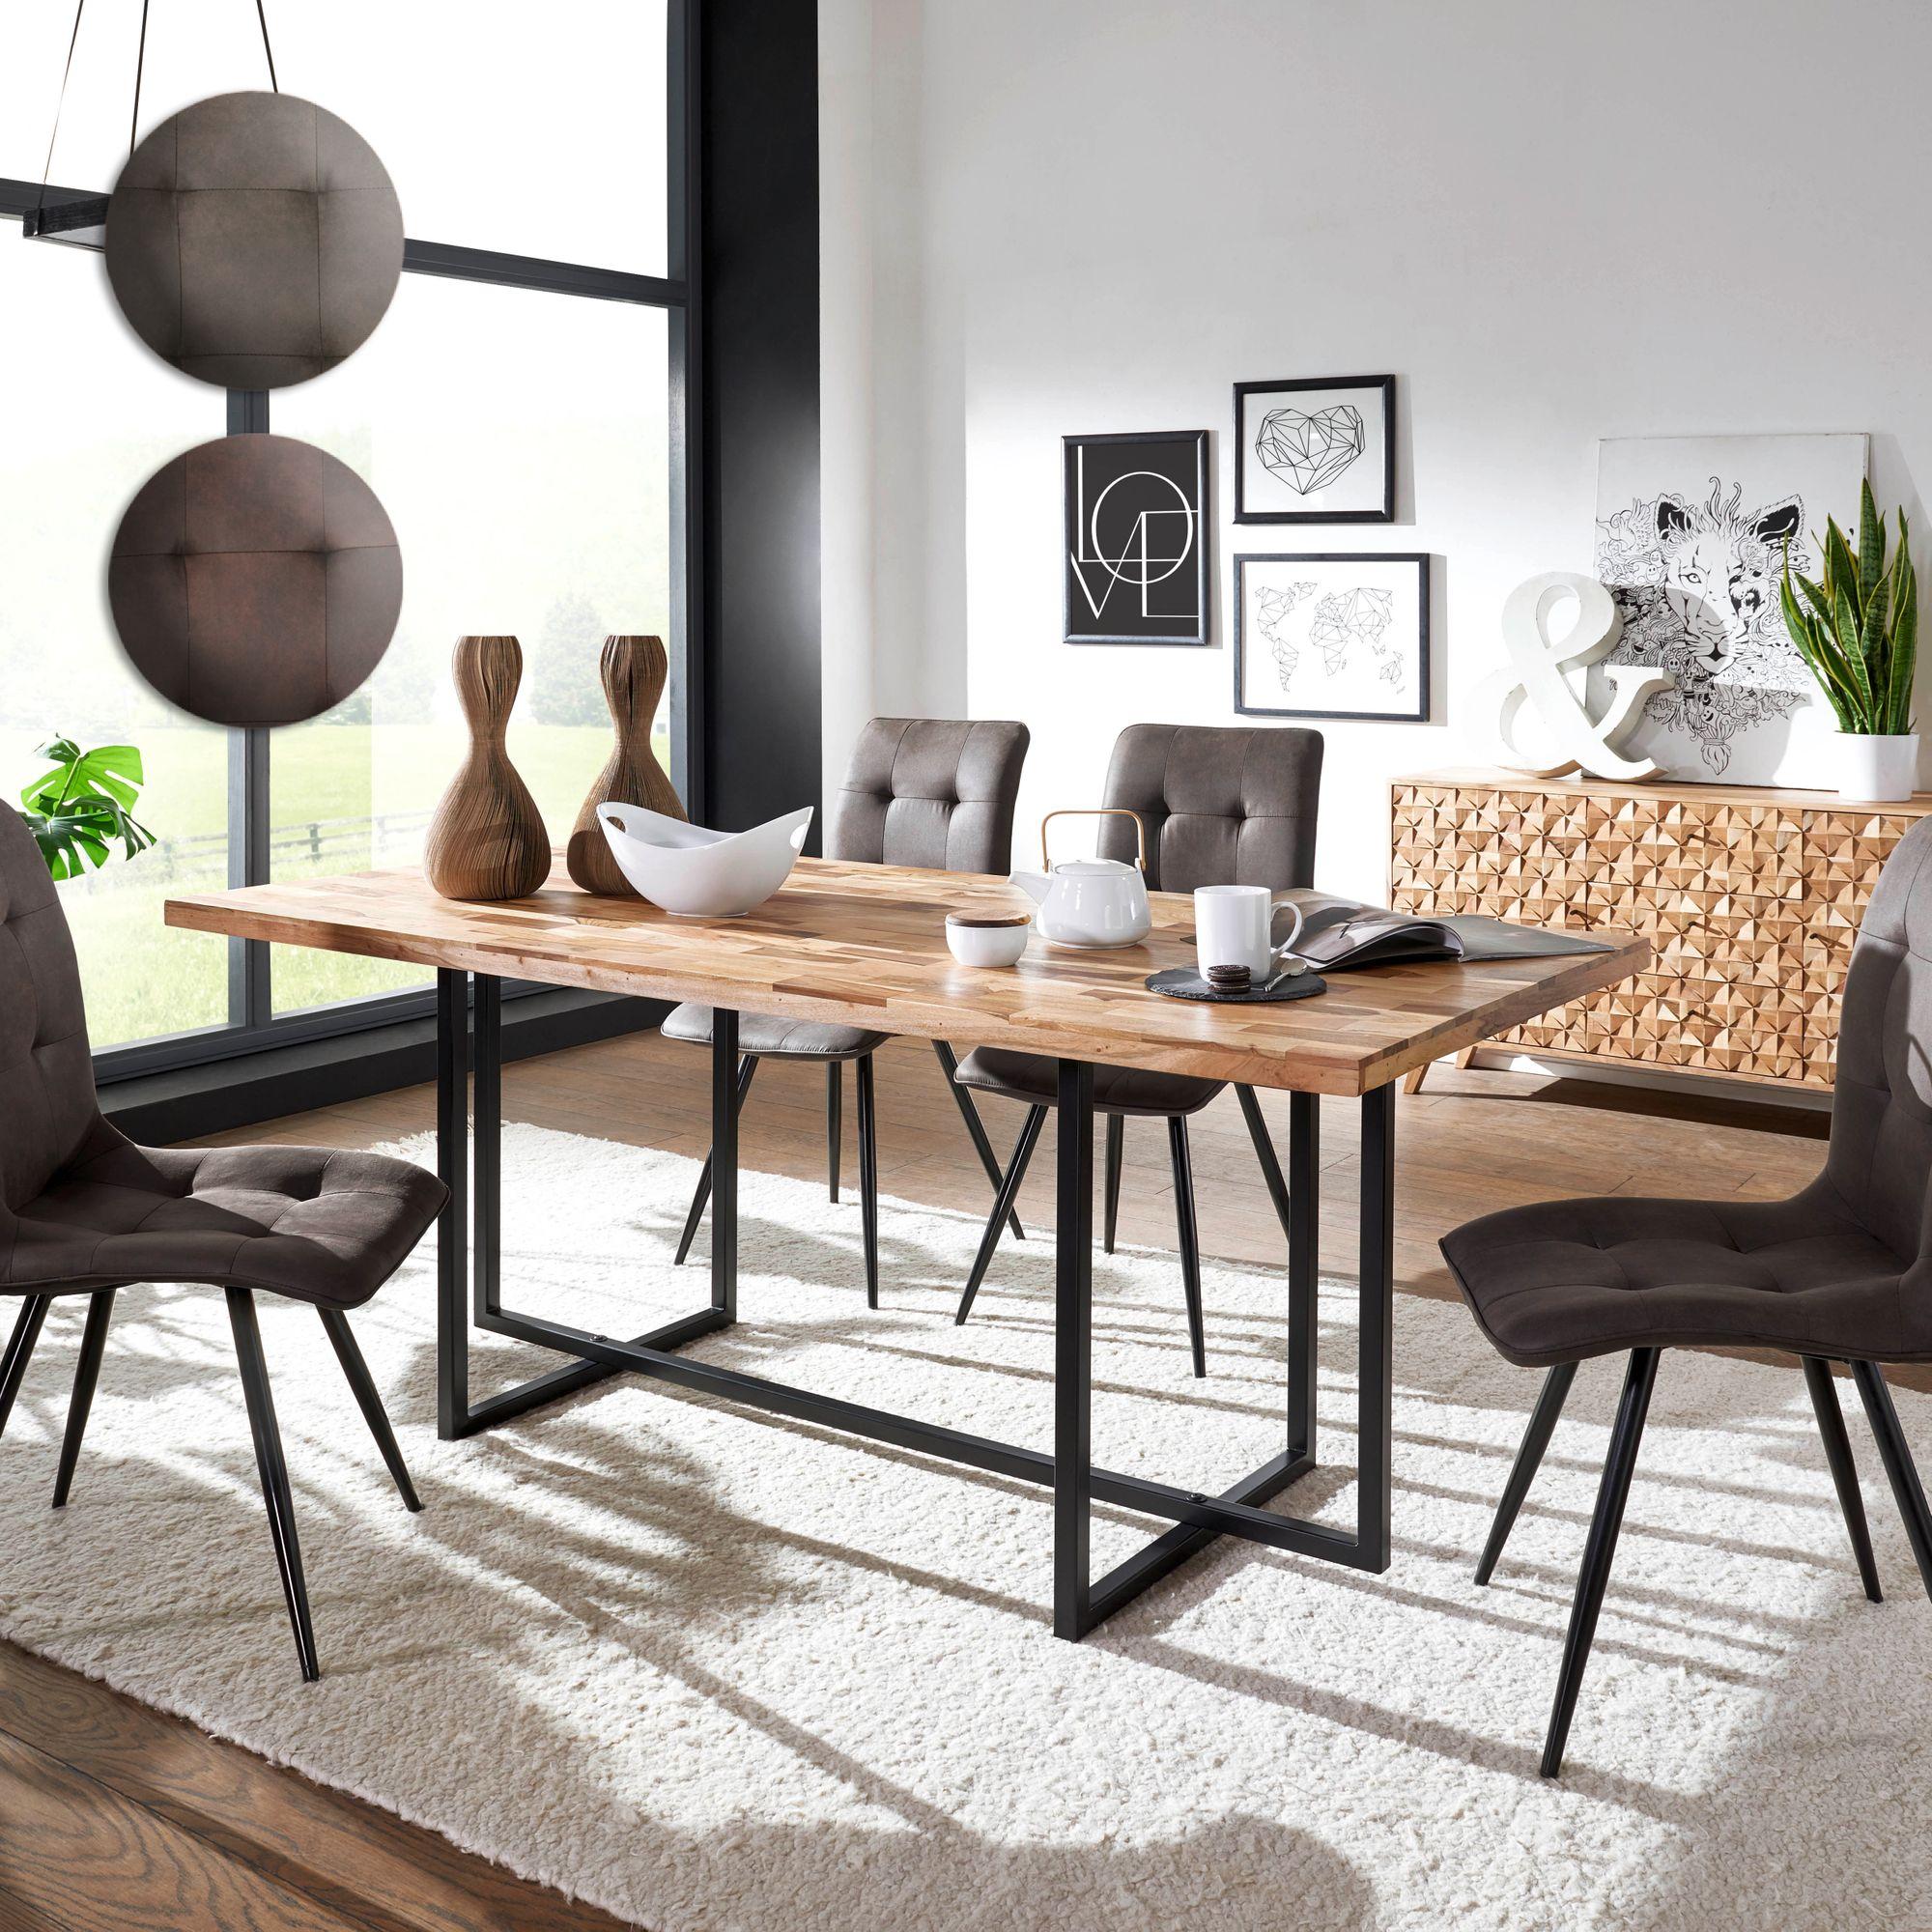 esszimmertisch mit 4 st hlen holz massiv esstisch set 200. Black Bedroom Furniture Sets. Home Design Ideas